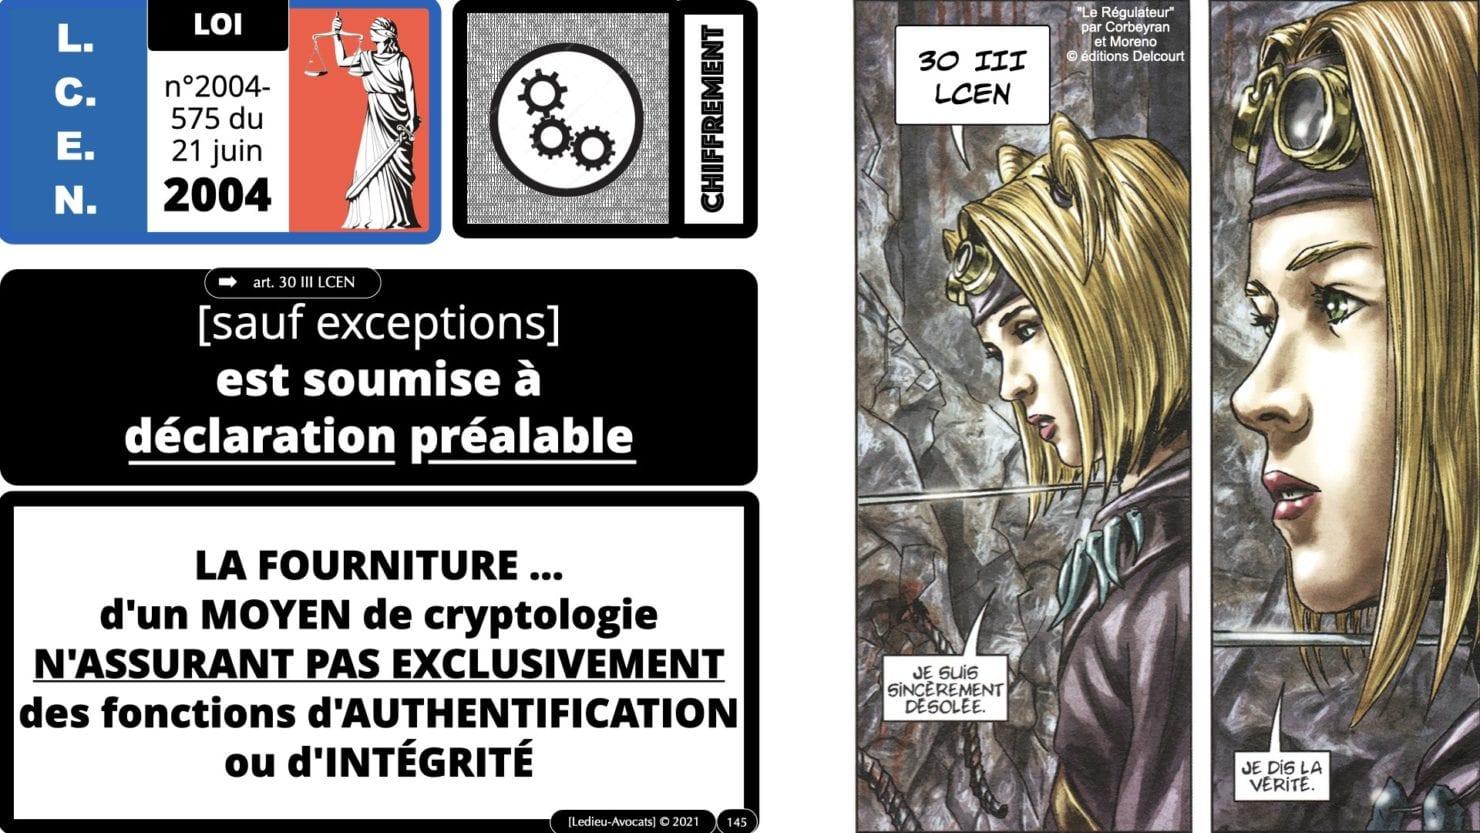 333 CYBER ATTAQUE responsabilité pénale civile contrat © Ledieu-Avocats 23-05-2021.145